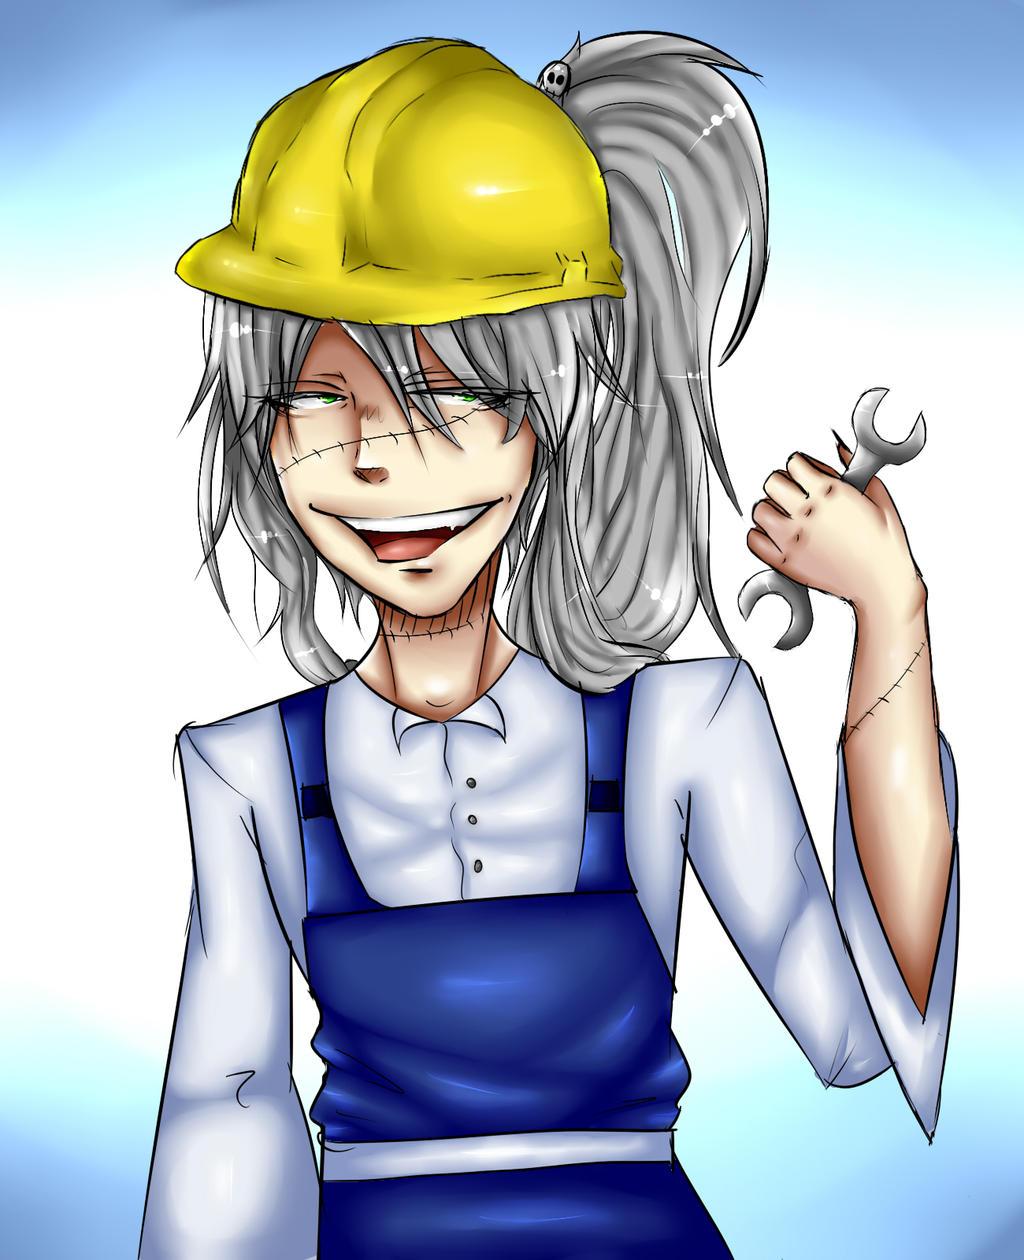 The repairman by drawerxe